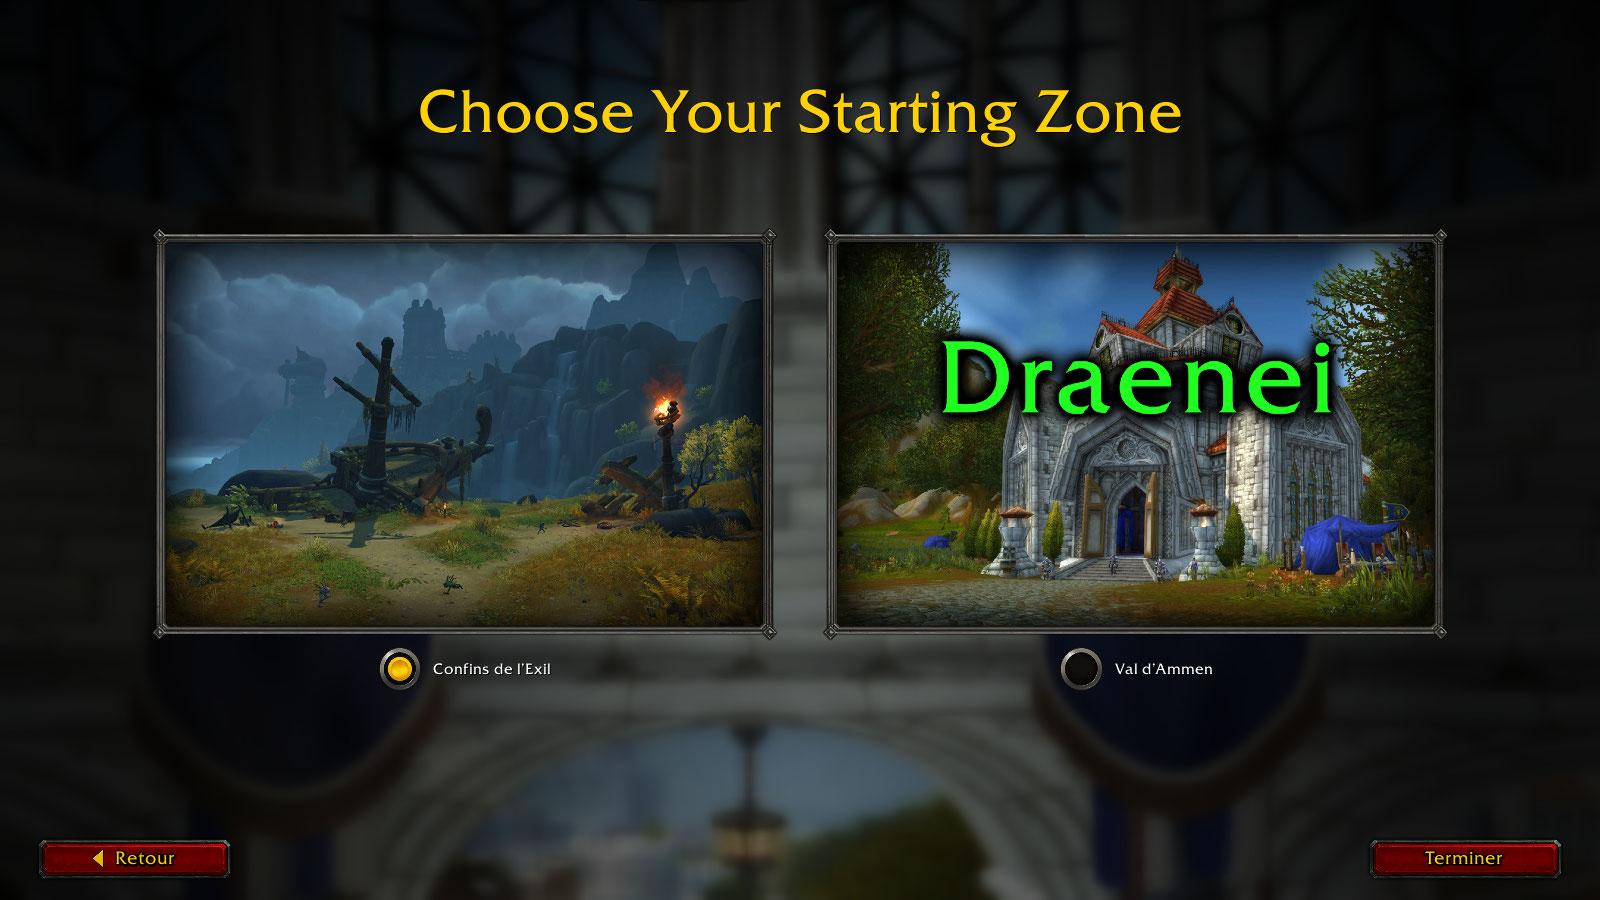 Les anciens joueurs auront le choix entre les confins de l'Exil ou la zone de départ classique